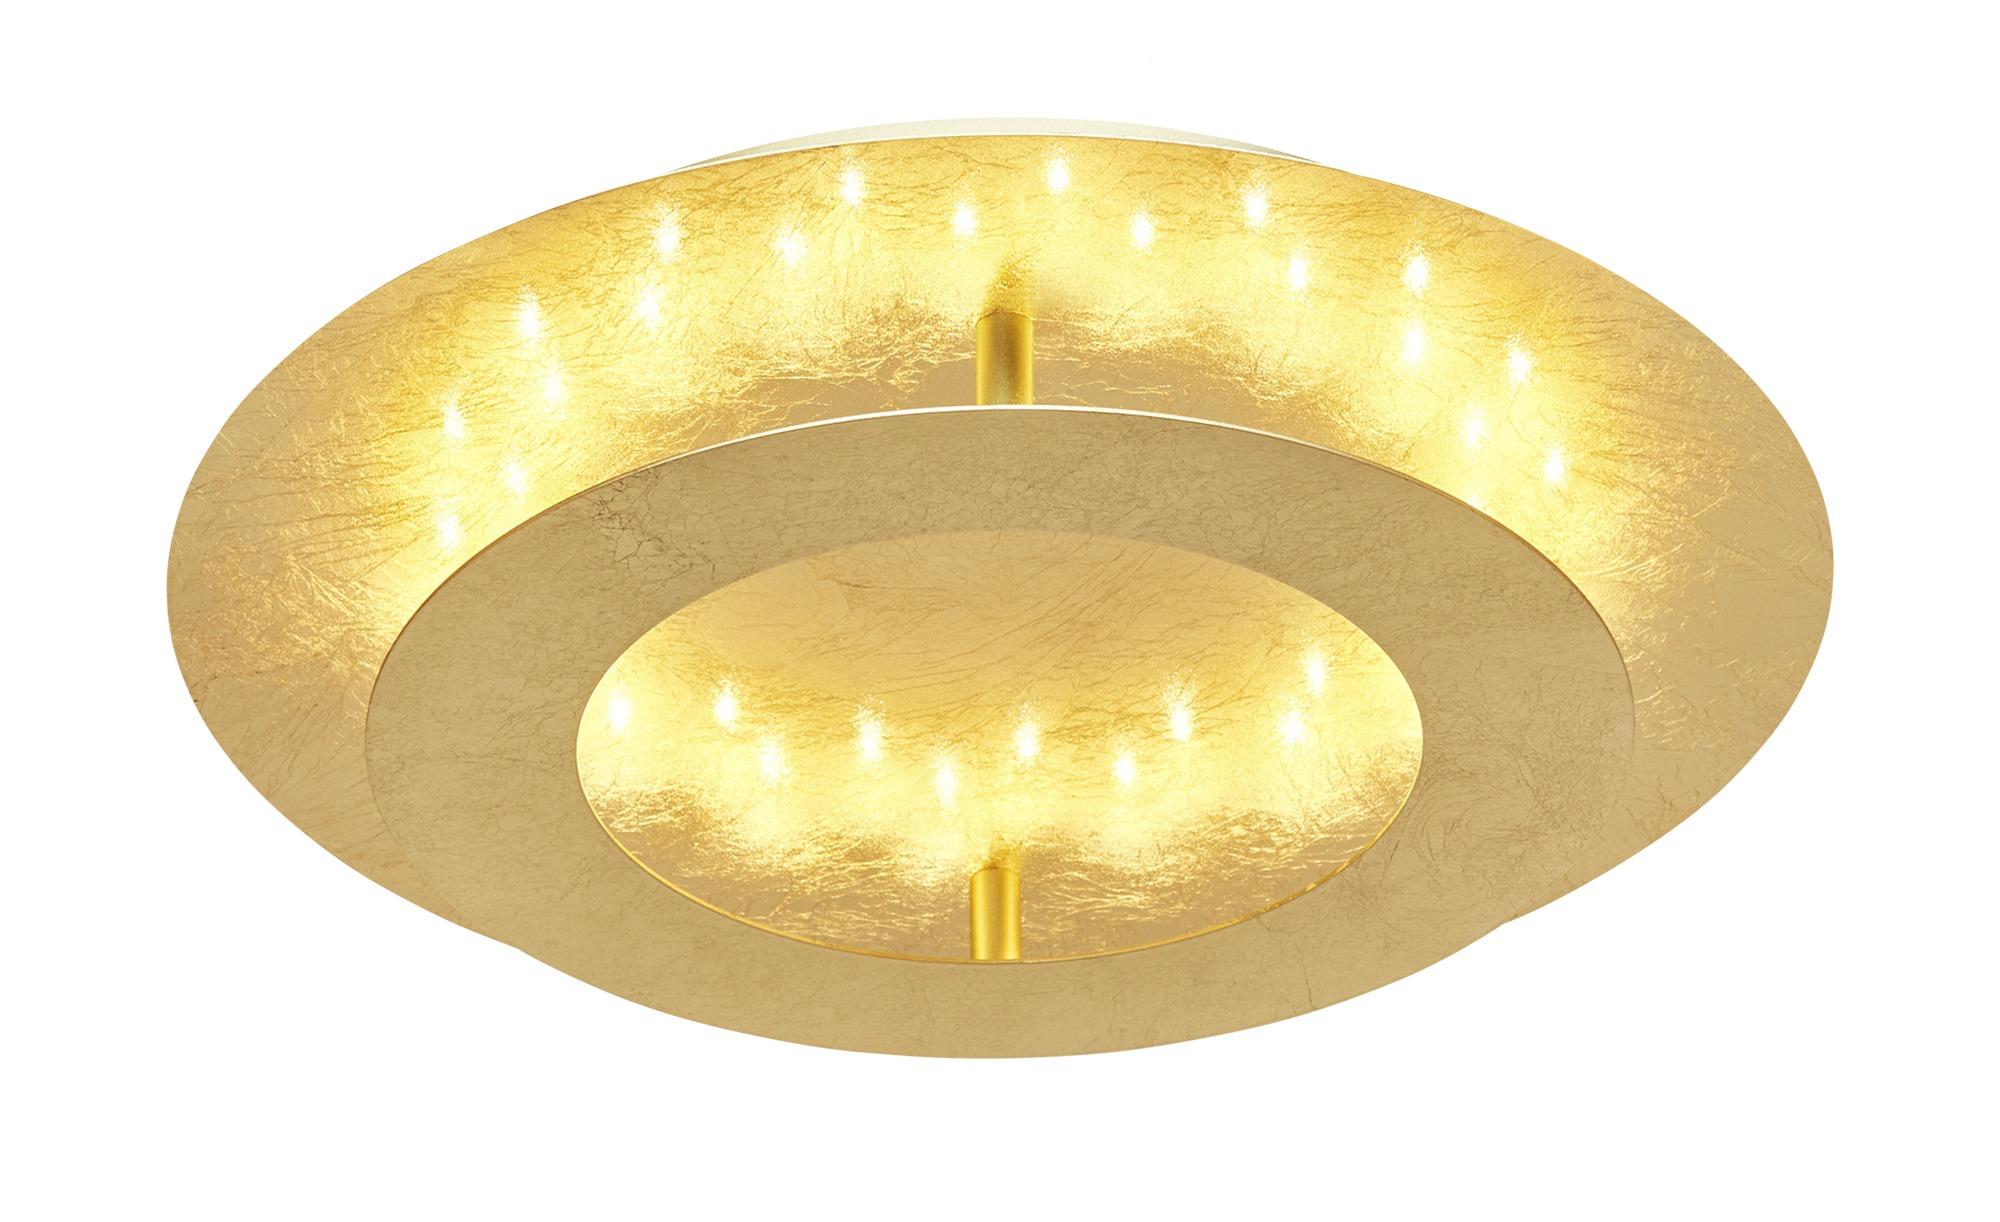 Paul Neuhaus LED-Deckenleuchte, blattgoldfarben ¦ gold ¦ Maße (cm): H: 8 Ø: [40.0] Lampen & Leuchten > Innenleuchten > Deckenleuchten - Höffner